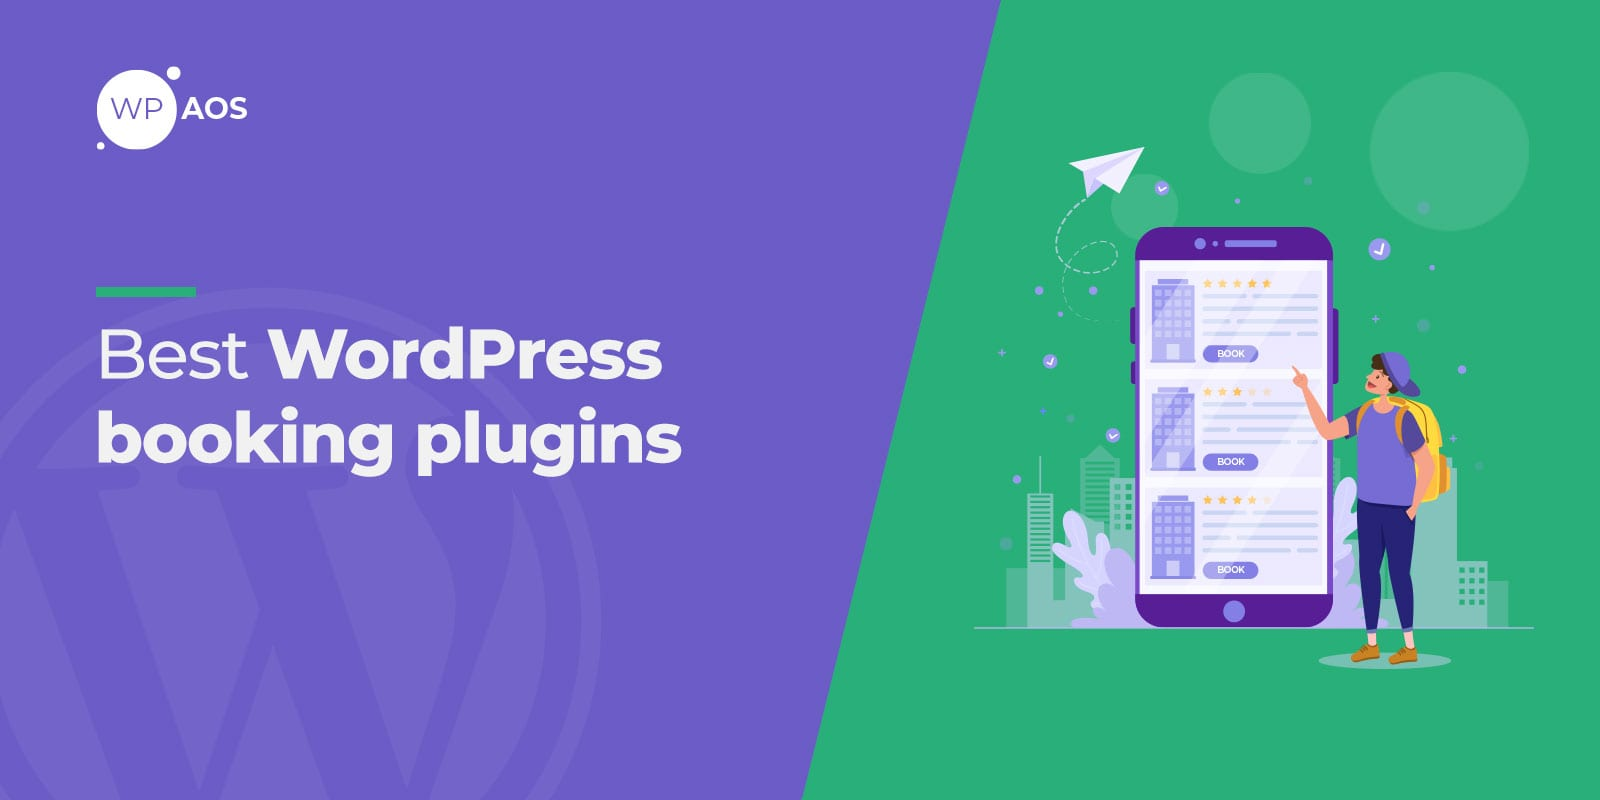 wordpress booking plugins, wpaos